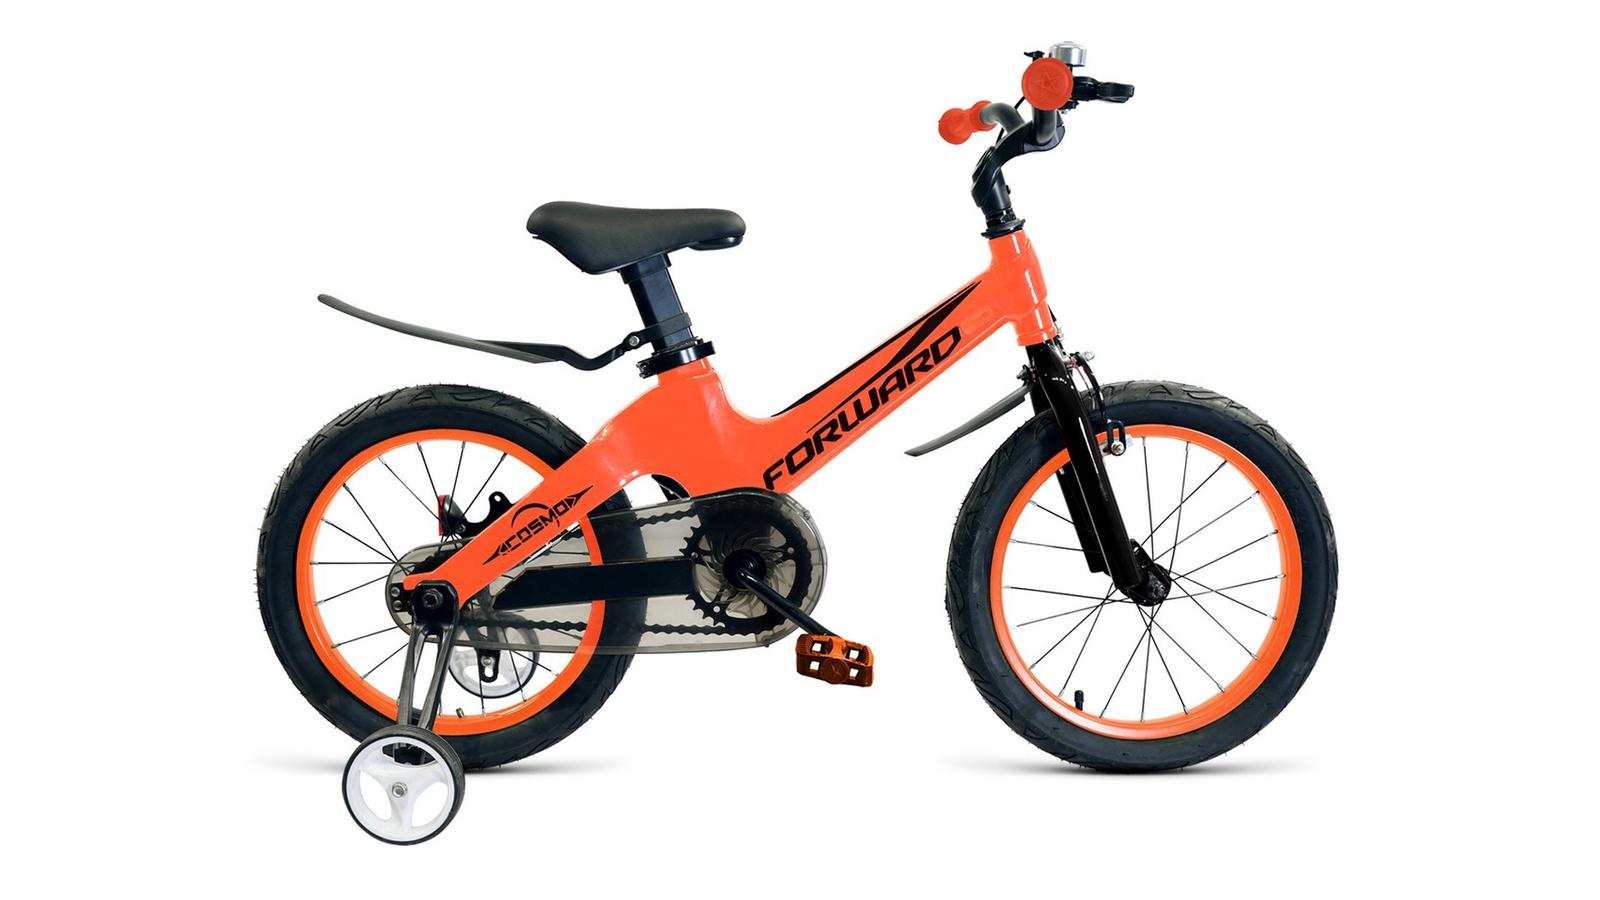 Велосипед Forward Cosmo, оранжевый